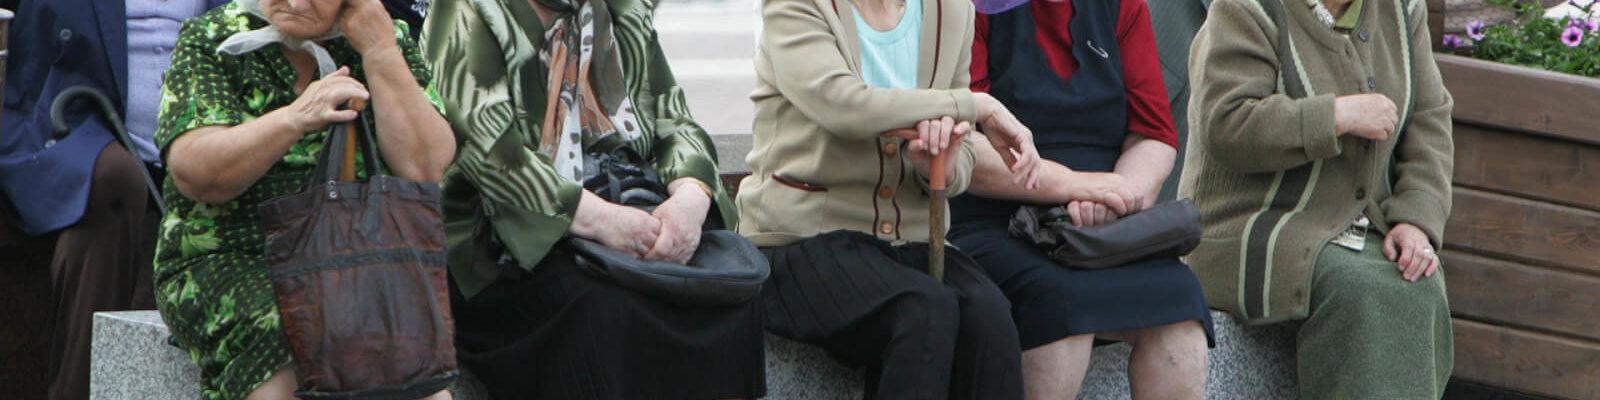 225eba2515ed3afe5c42b39235d6b9bf  2560x 1600x400 - 5 случаев, когда нужно требовать перерасчет пенсии